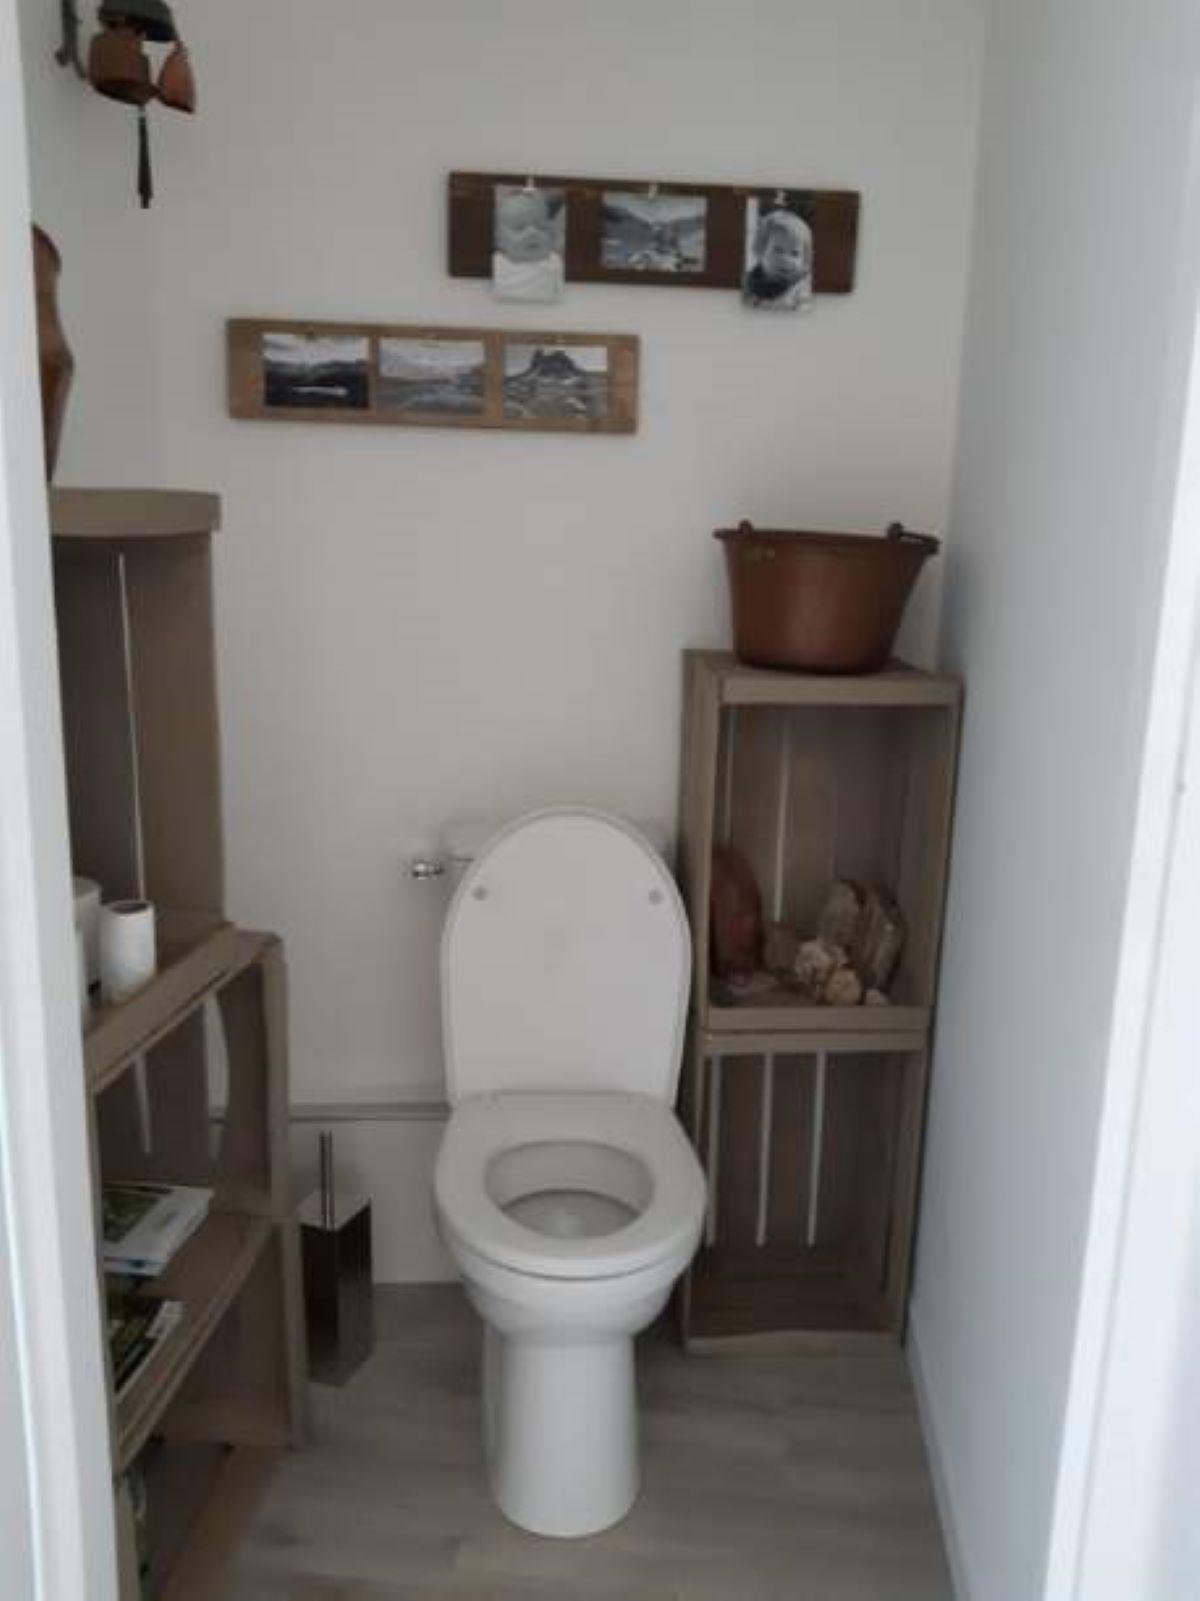 resized 20200903 155155 - ANCELLE T4 DE 84 m² ( 6 COUCHAGES) AU CENTRE DU VILLAGE